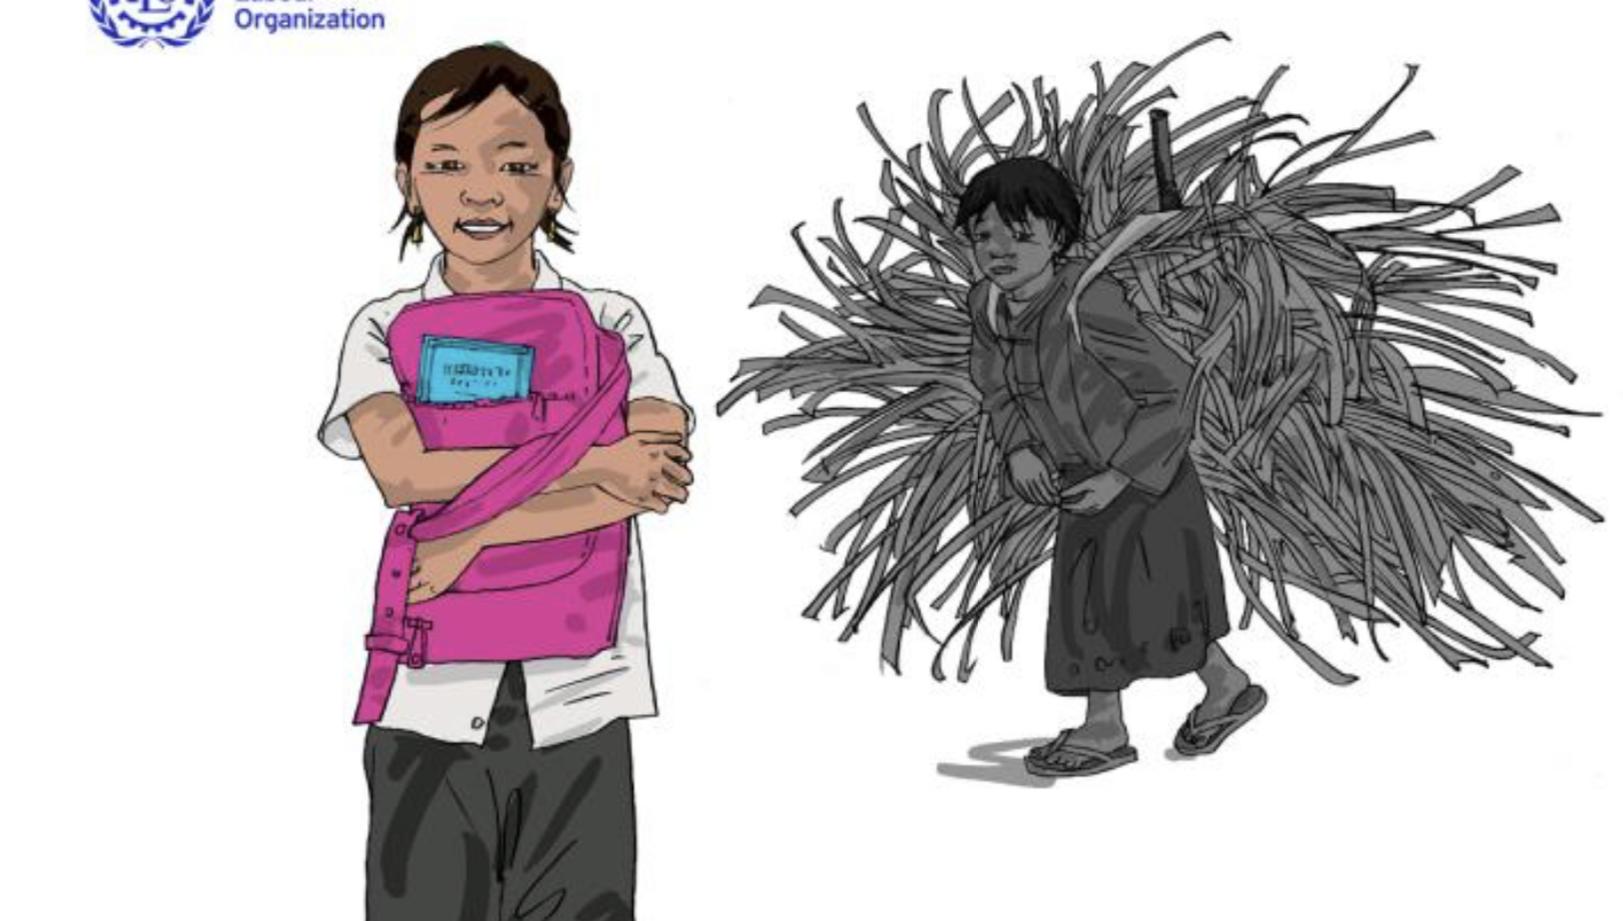 12 de junho de 2020: Dia Mundial contra a Exploração do Trabalho Infantil